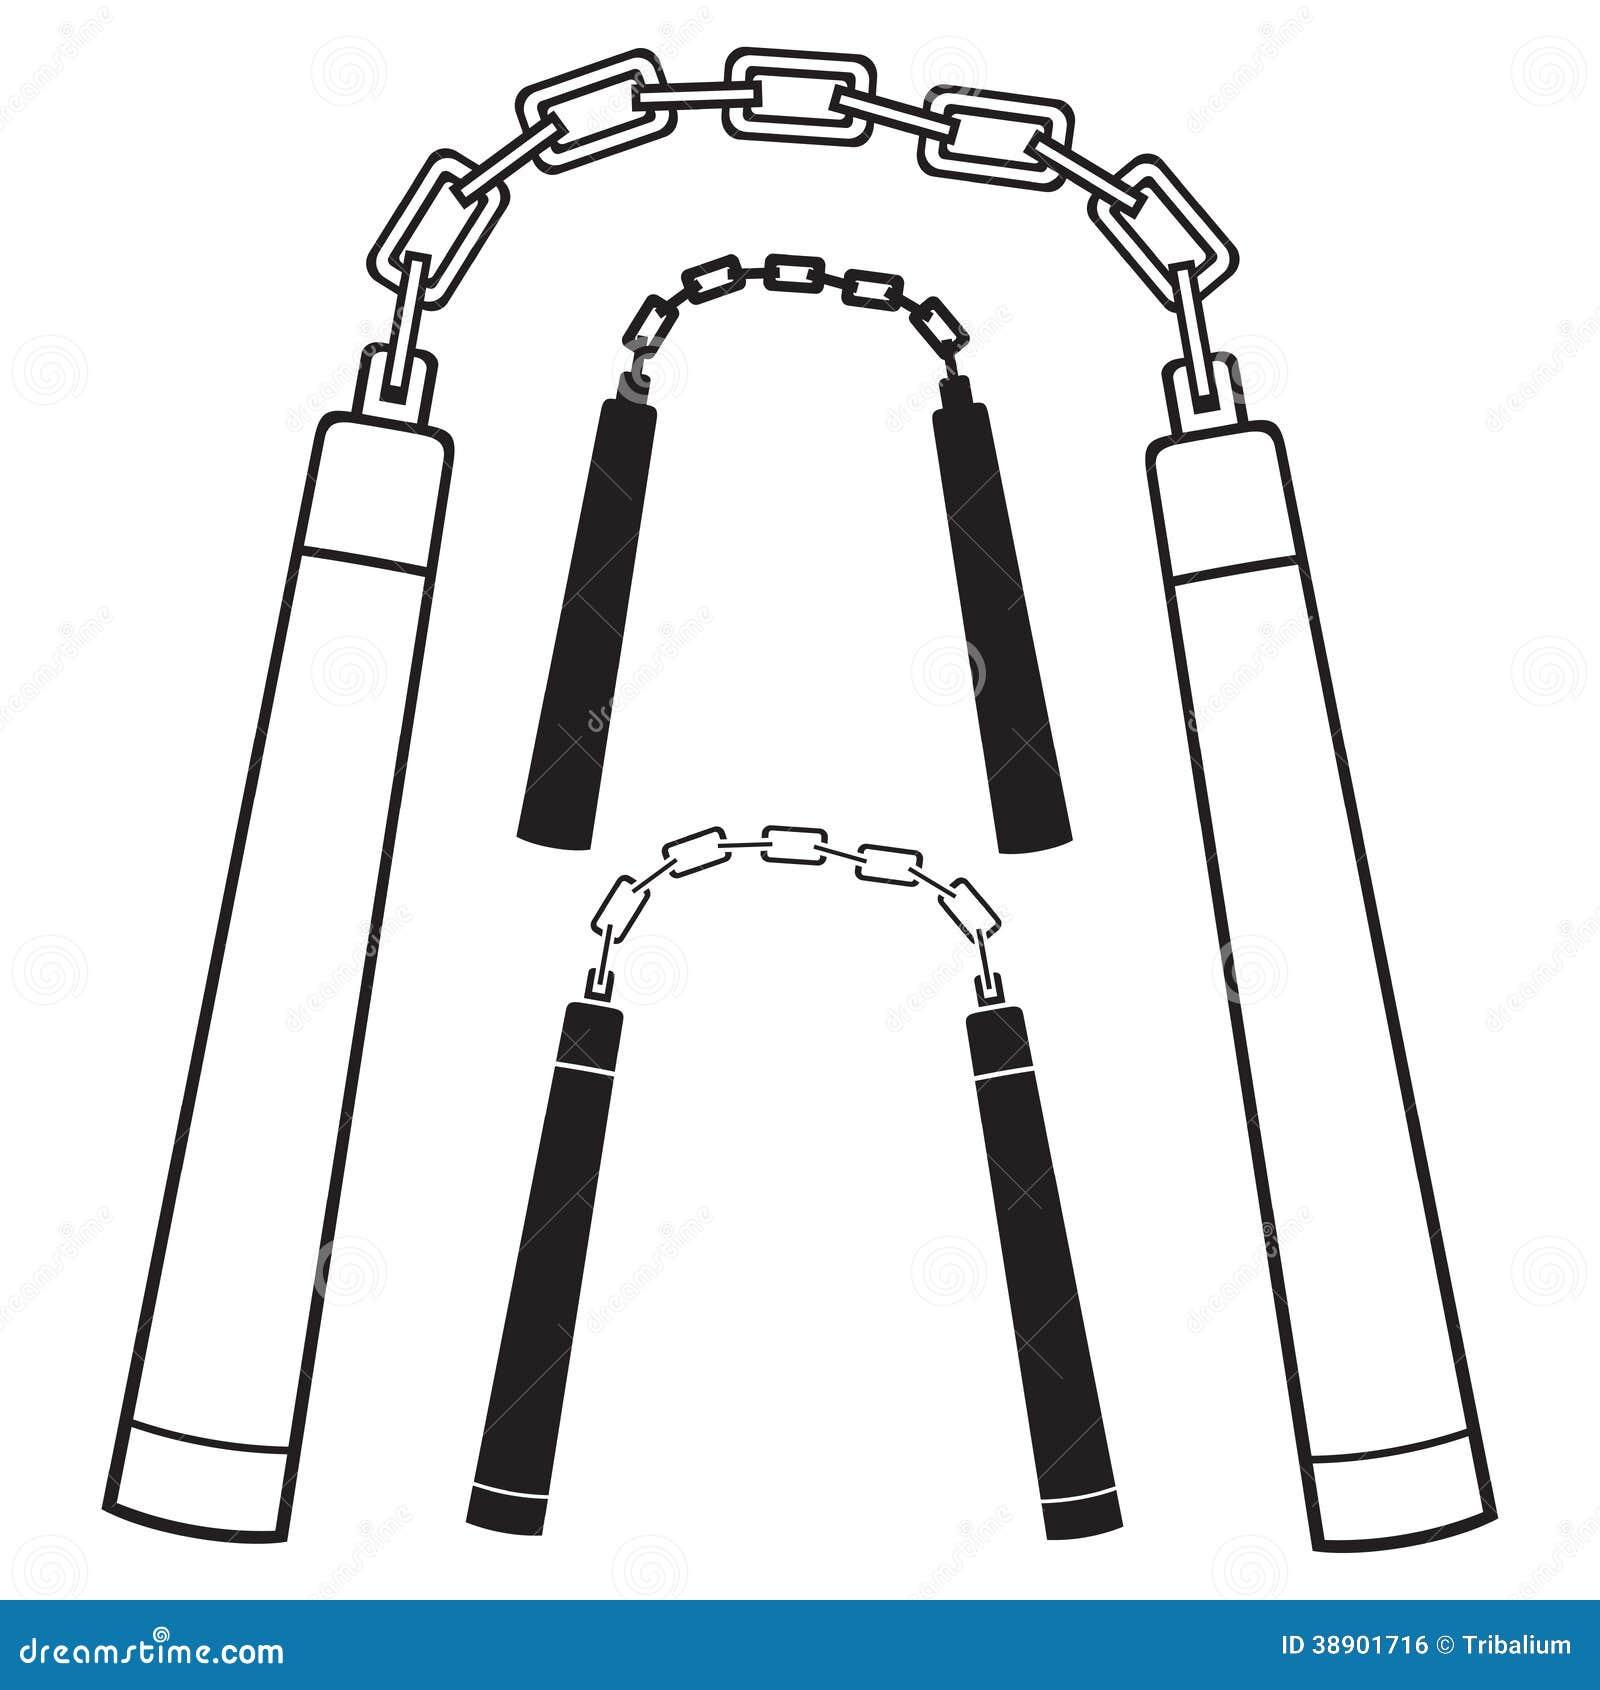 Nunchaku Weapon Stock Vector - Image: 38901716